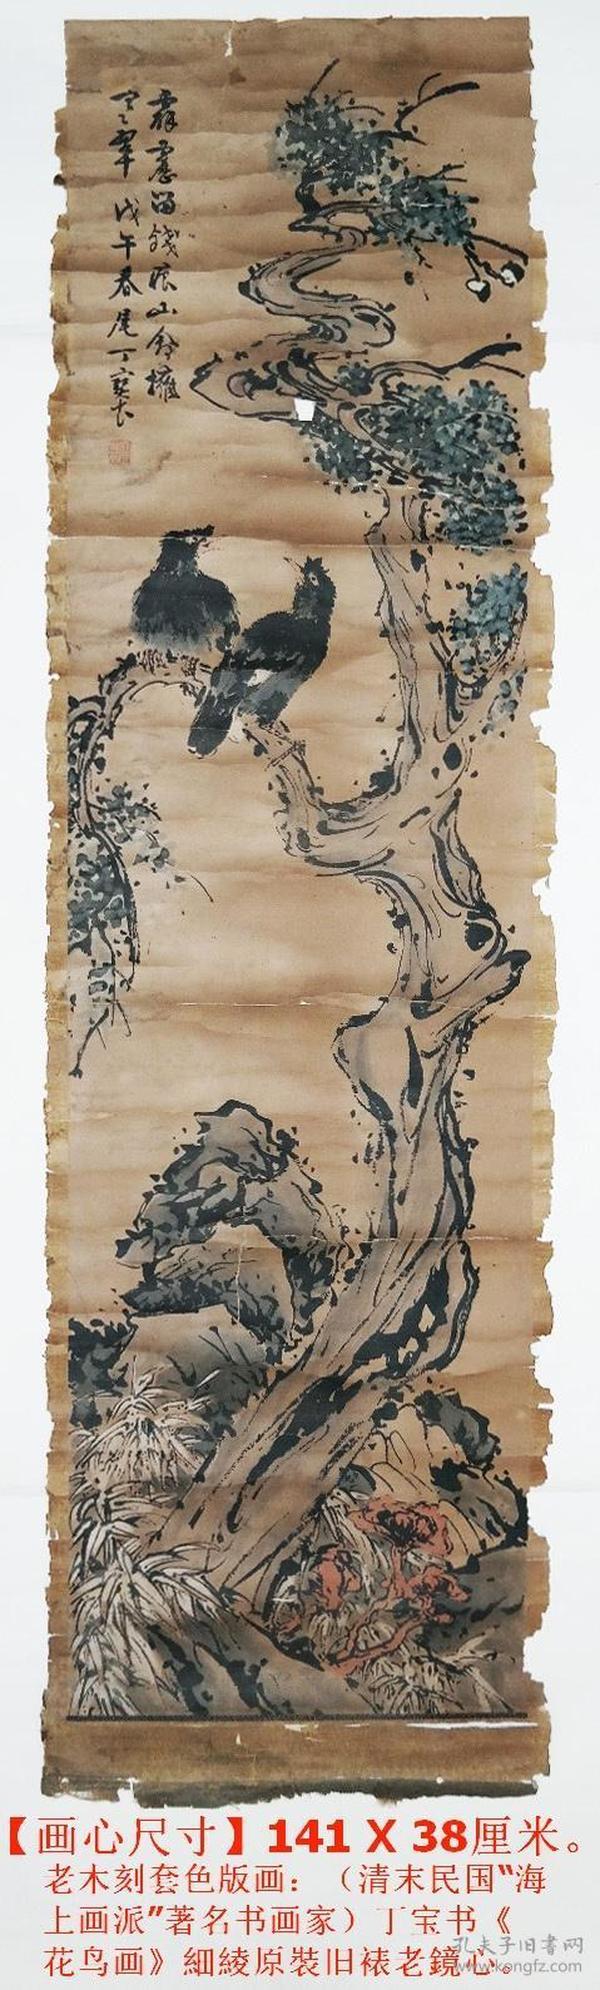 老木刻套色版画:清末海派书画名家◆丁宝书《花鸟画》细绫原裱老镜心.